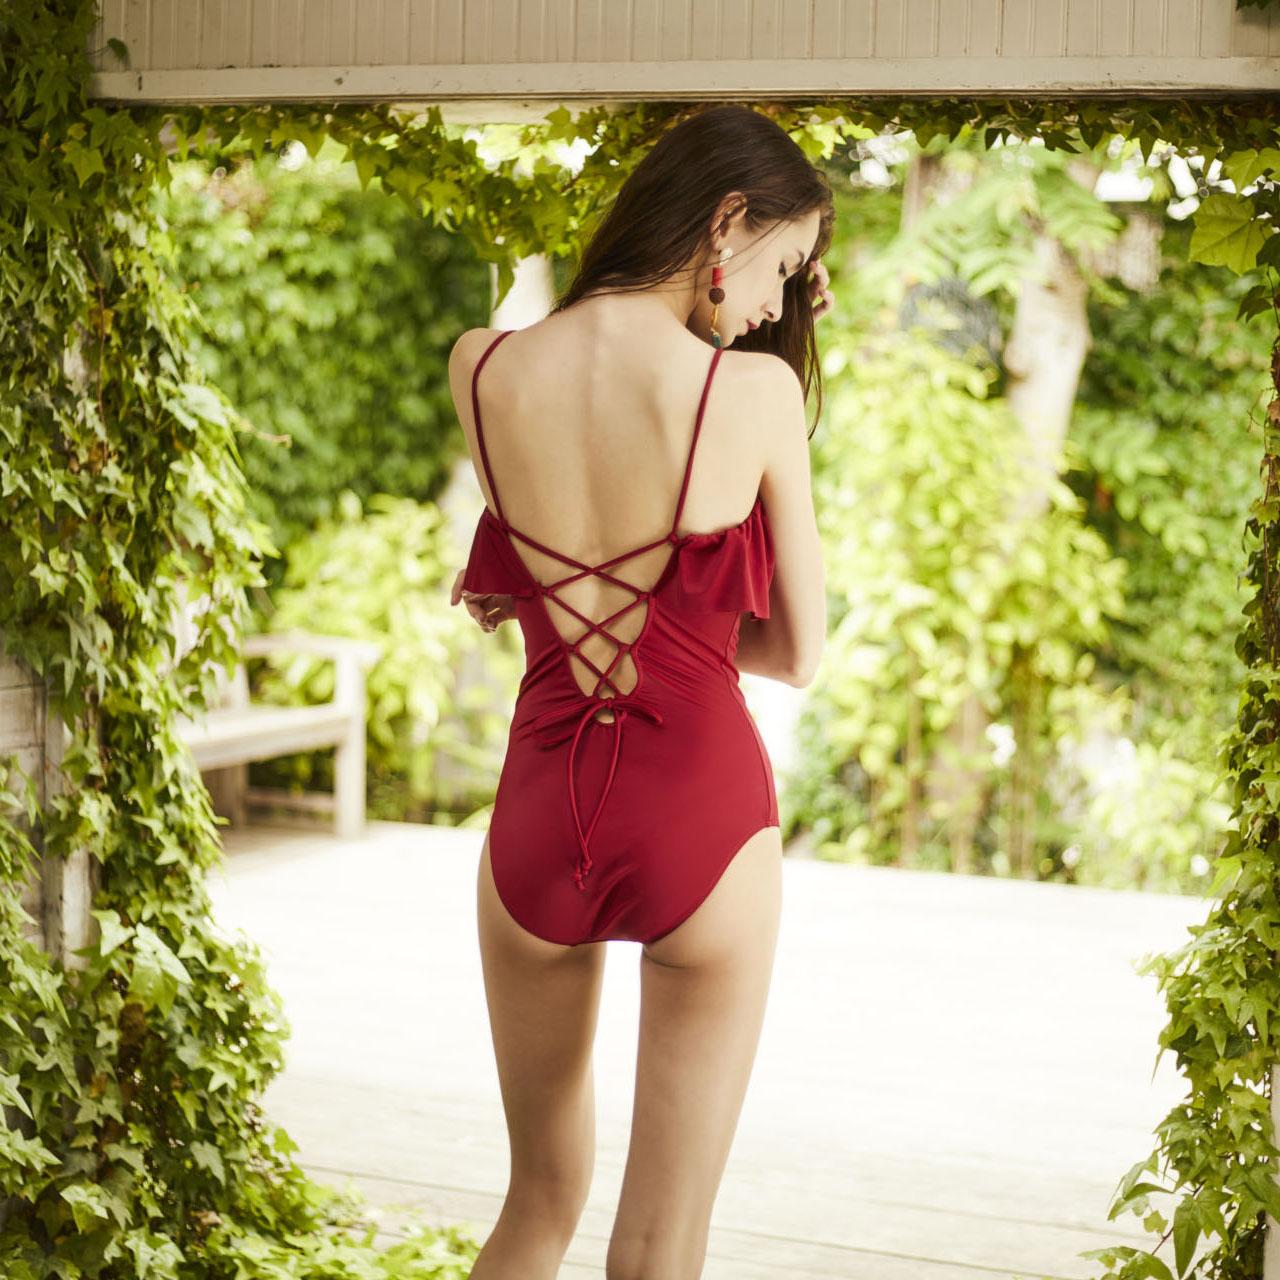 トレンドの赤い水着!大人おしゃれなデザインも!